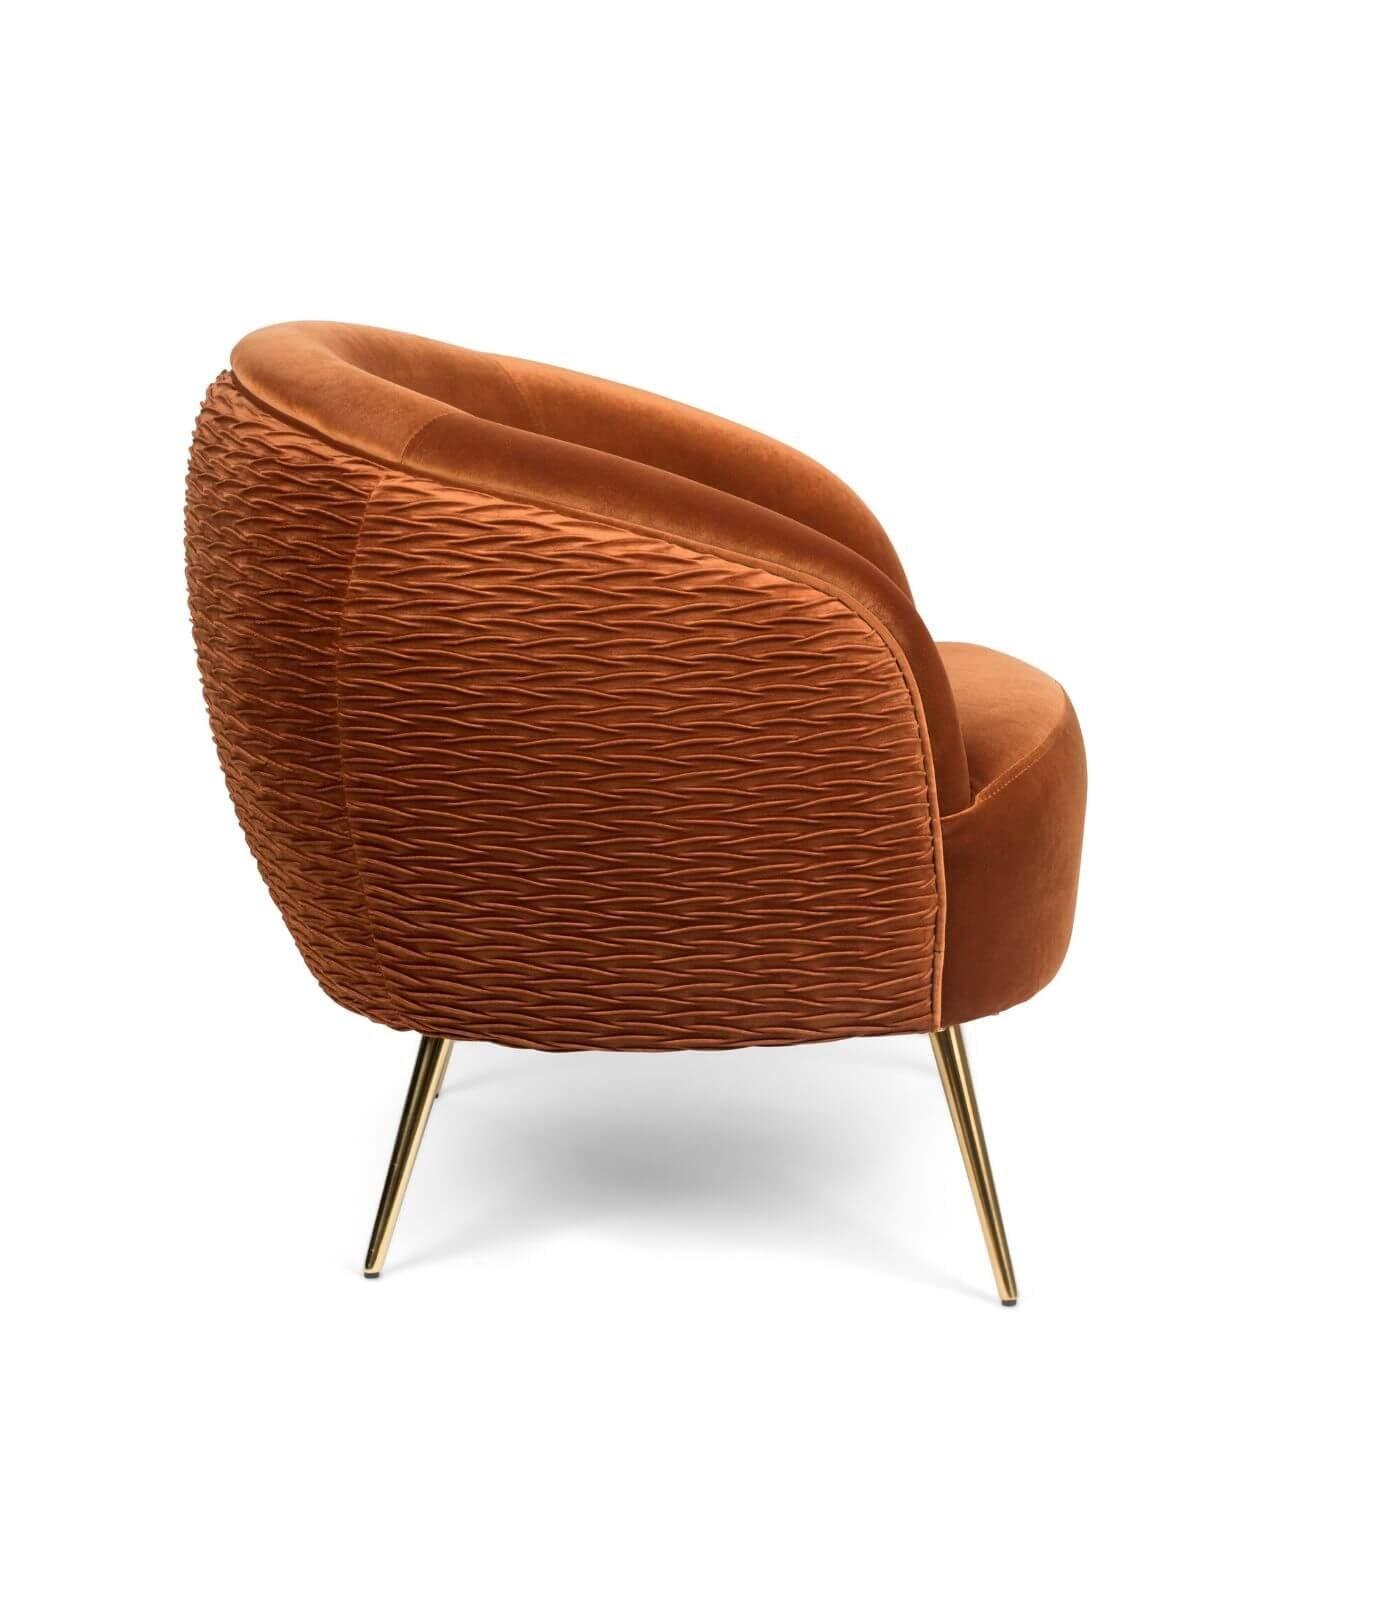 fauteuil curvy 1